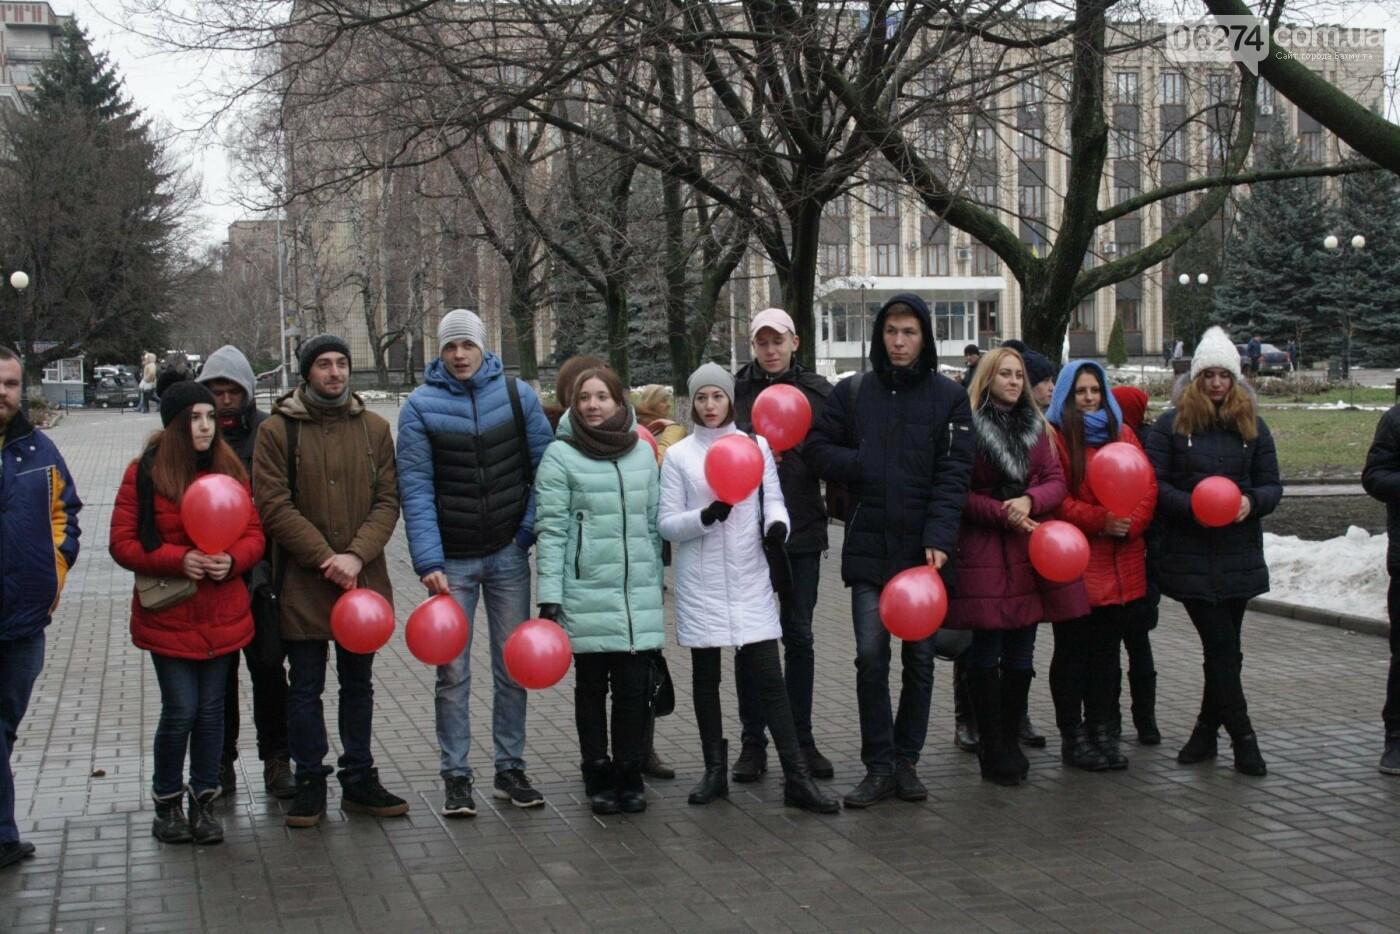 В Бахмуте прошел Молодежный флешмоб в поддержку людей с ВИЧ/СПИДом, фото-4